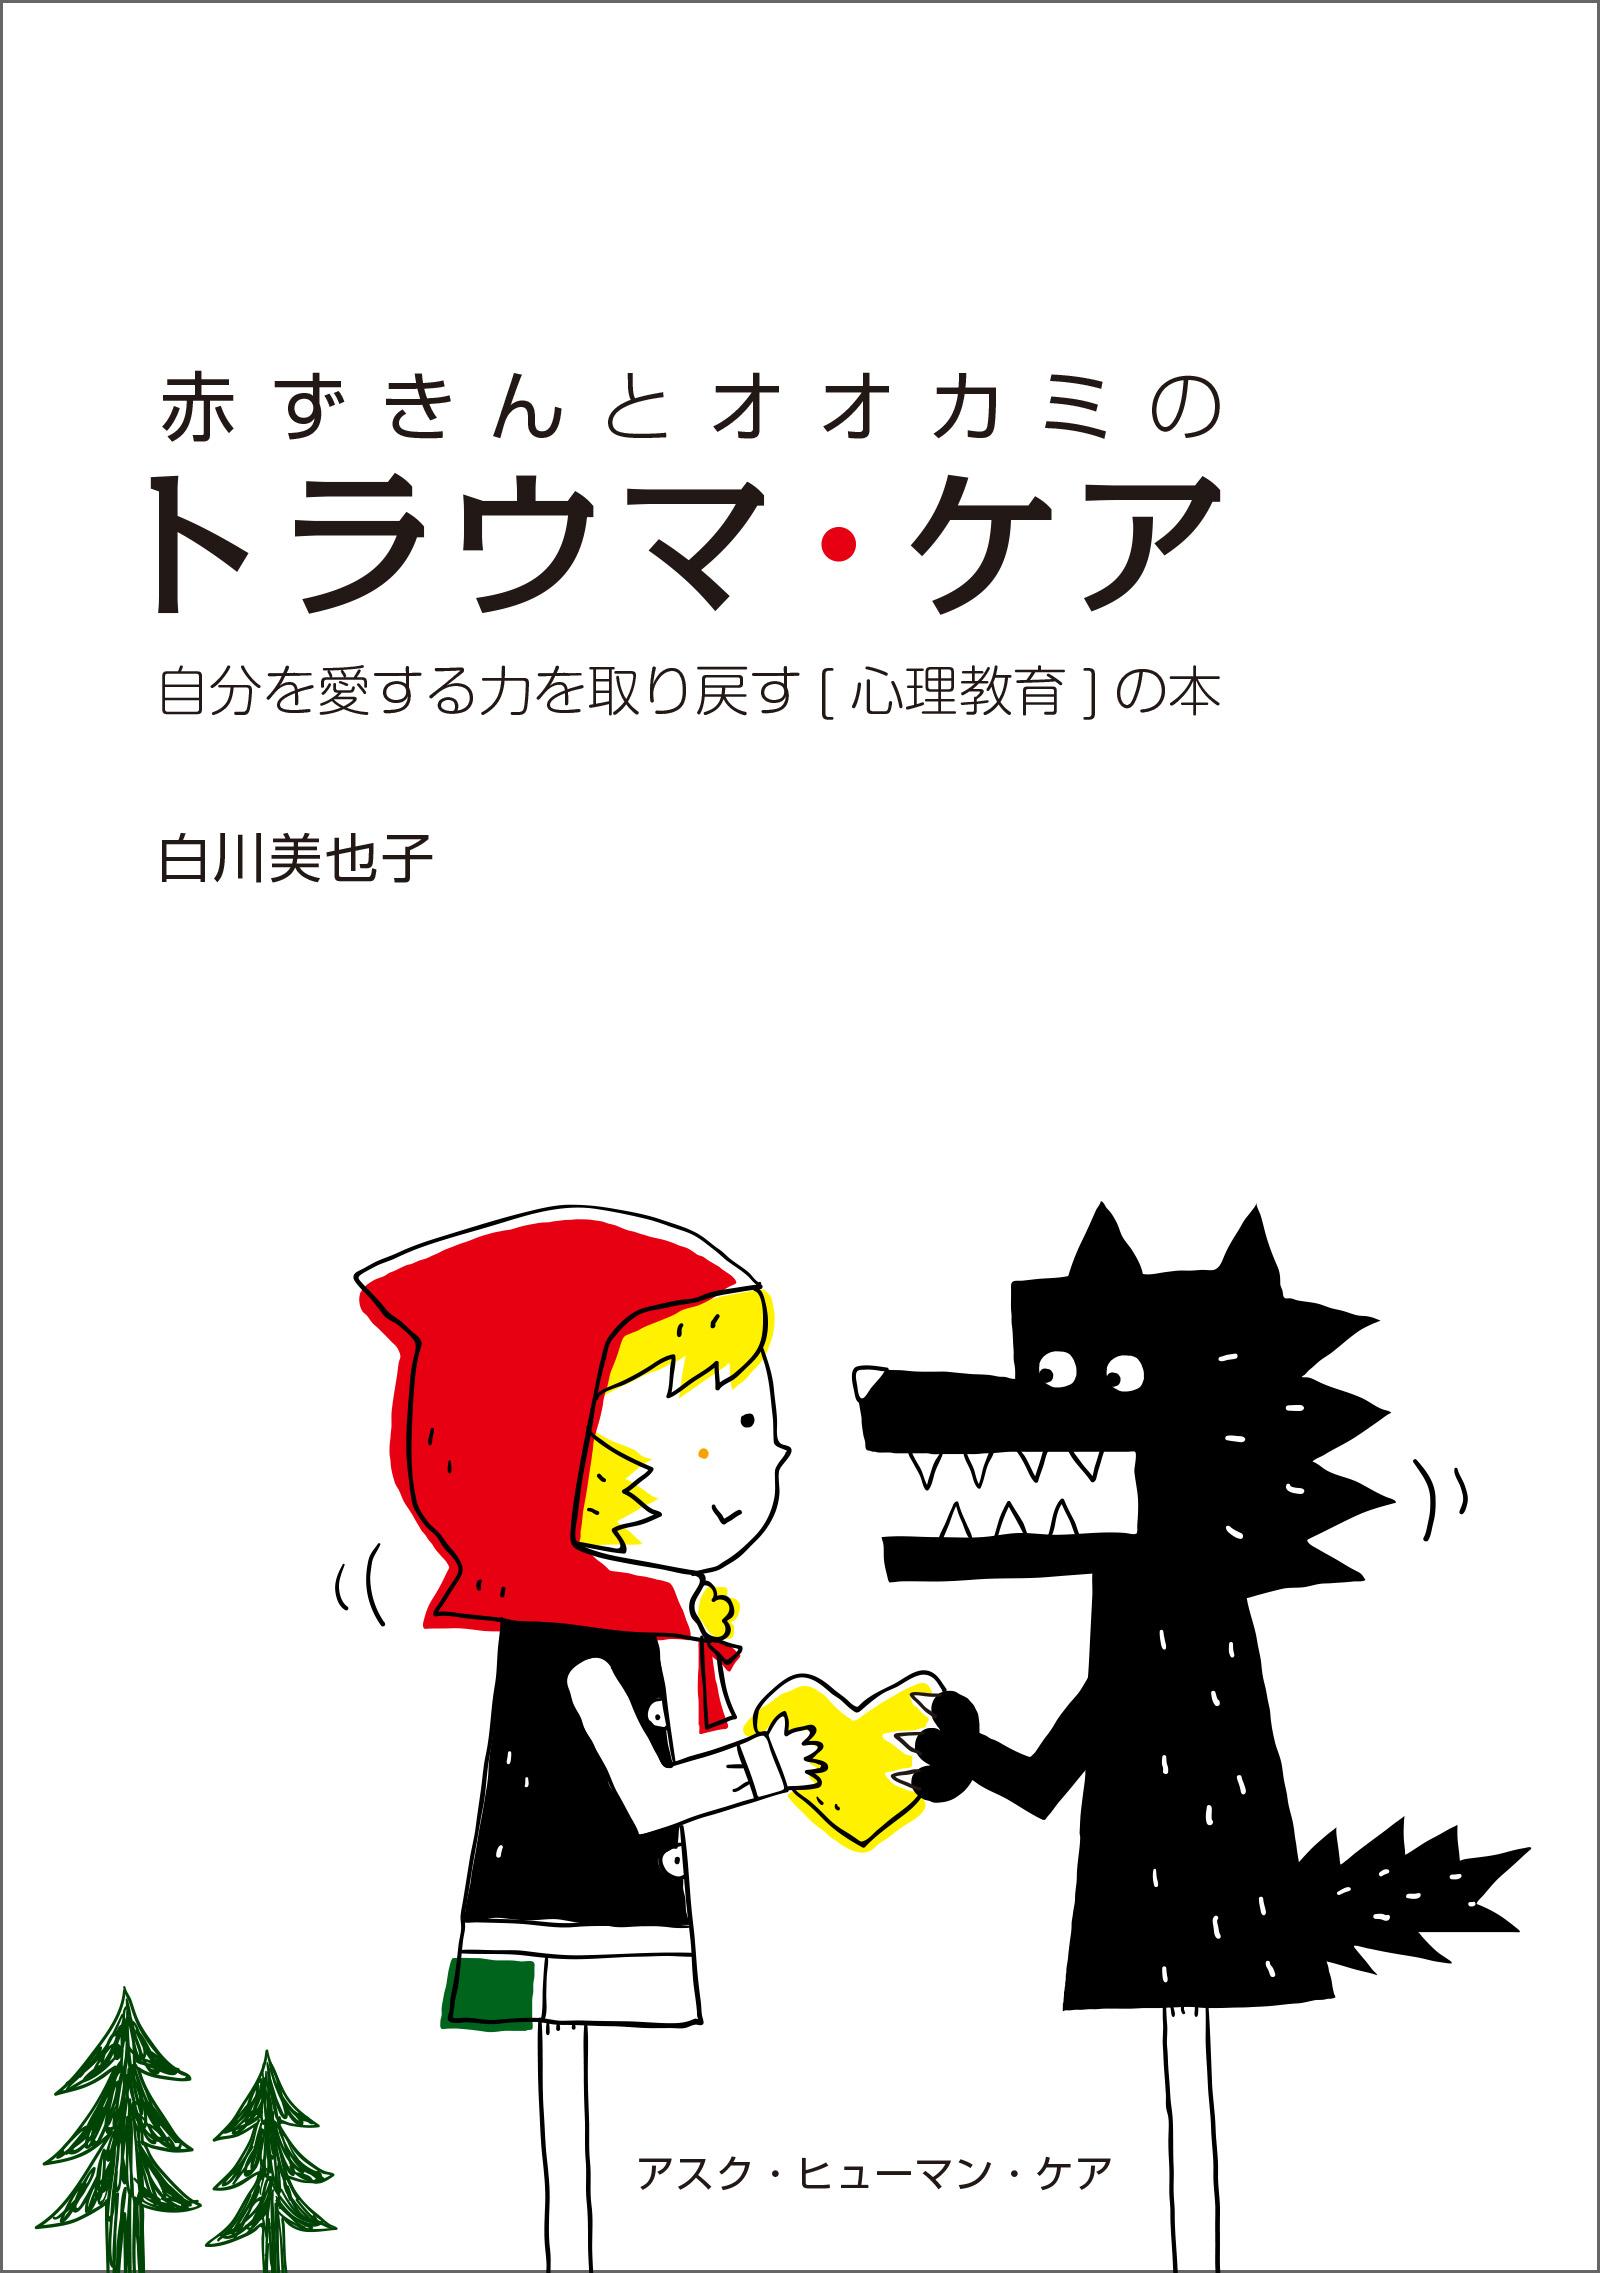 【電子書籍版】赤ずきんとオオカミのトラウマ・ケア 自分を愛する力を取り戻す〔心理教育〕の本